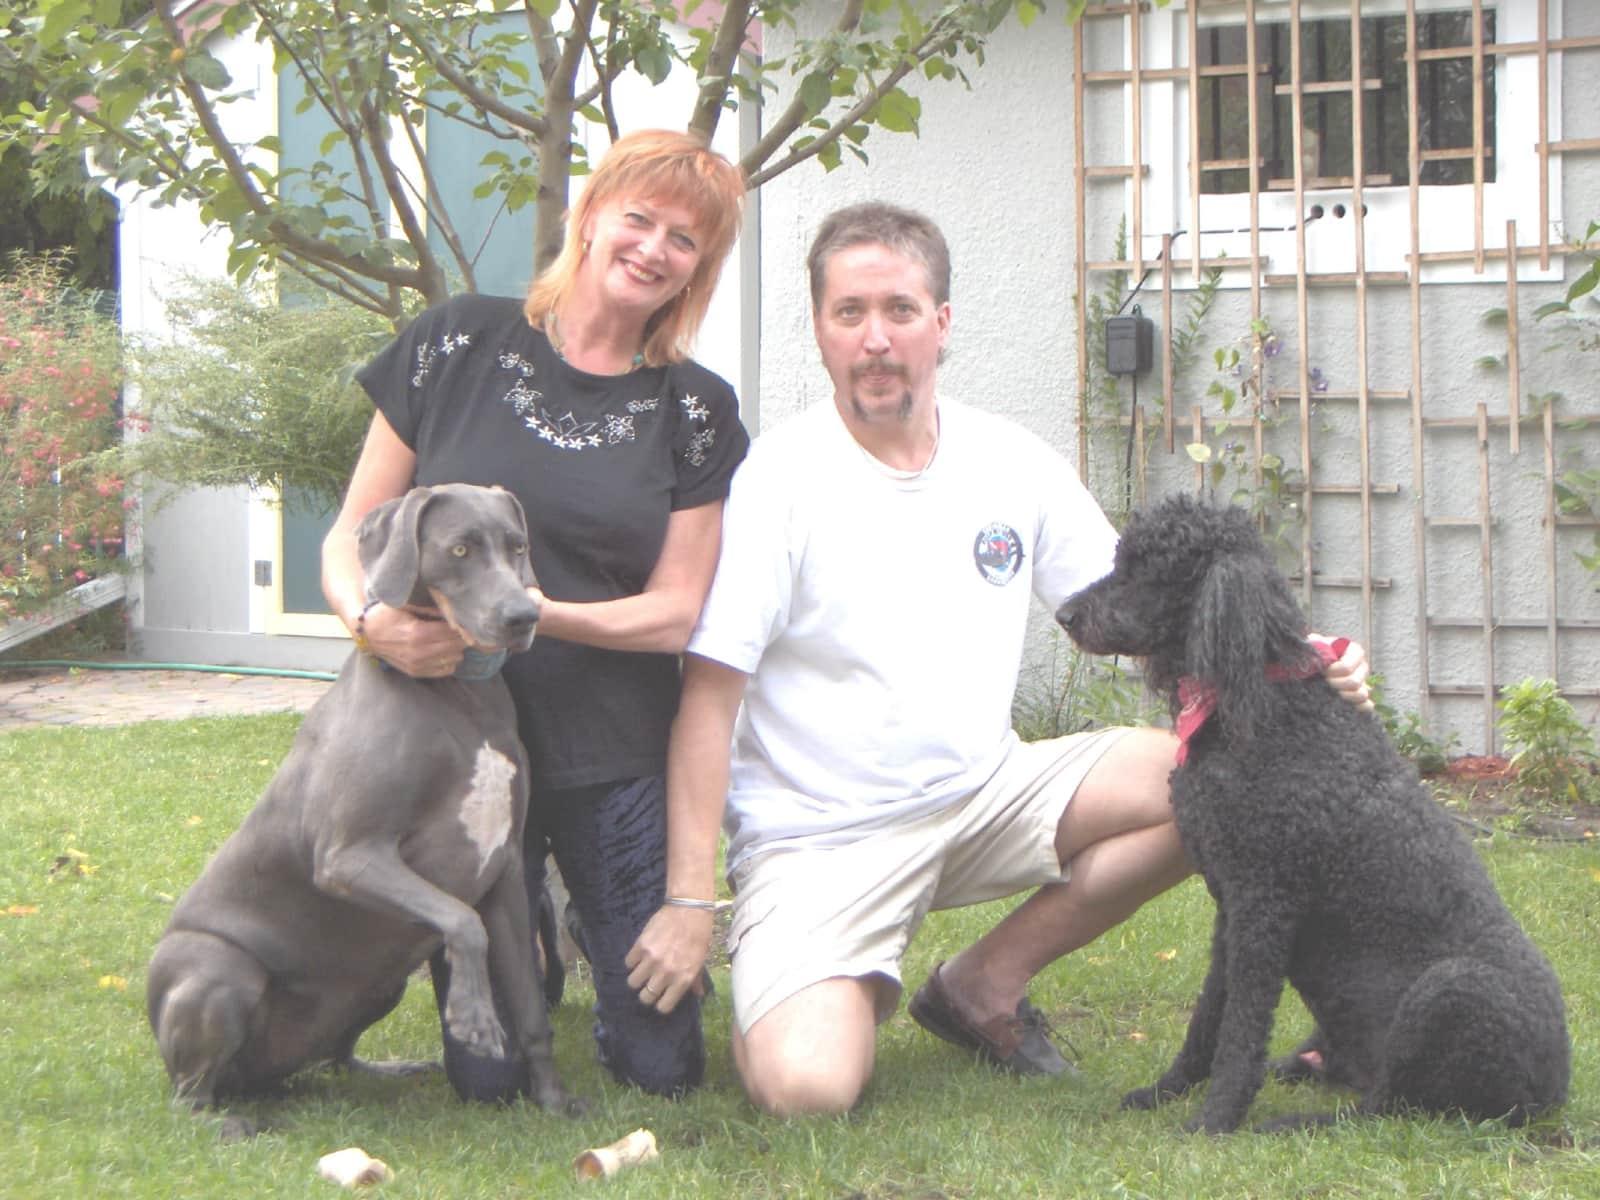 Marjie & Tony from Calgary, Alberta, Canada